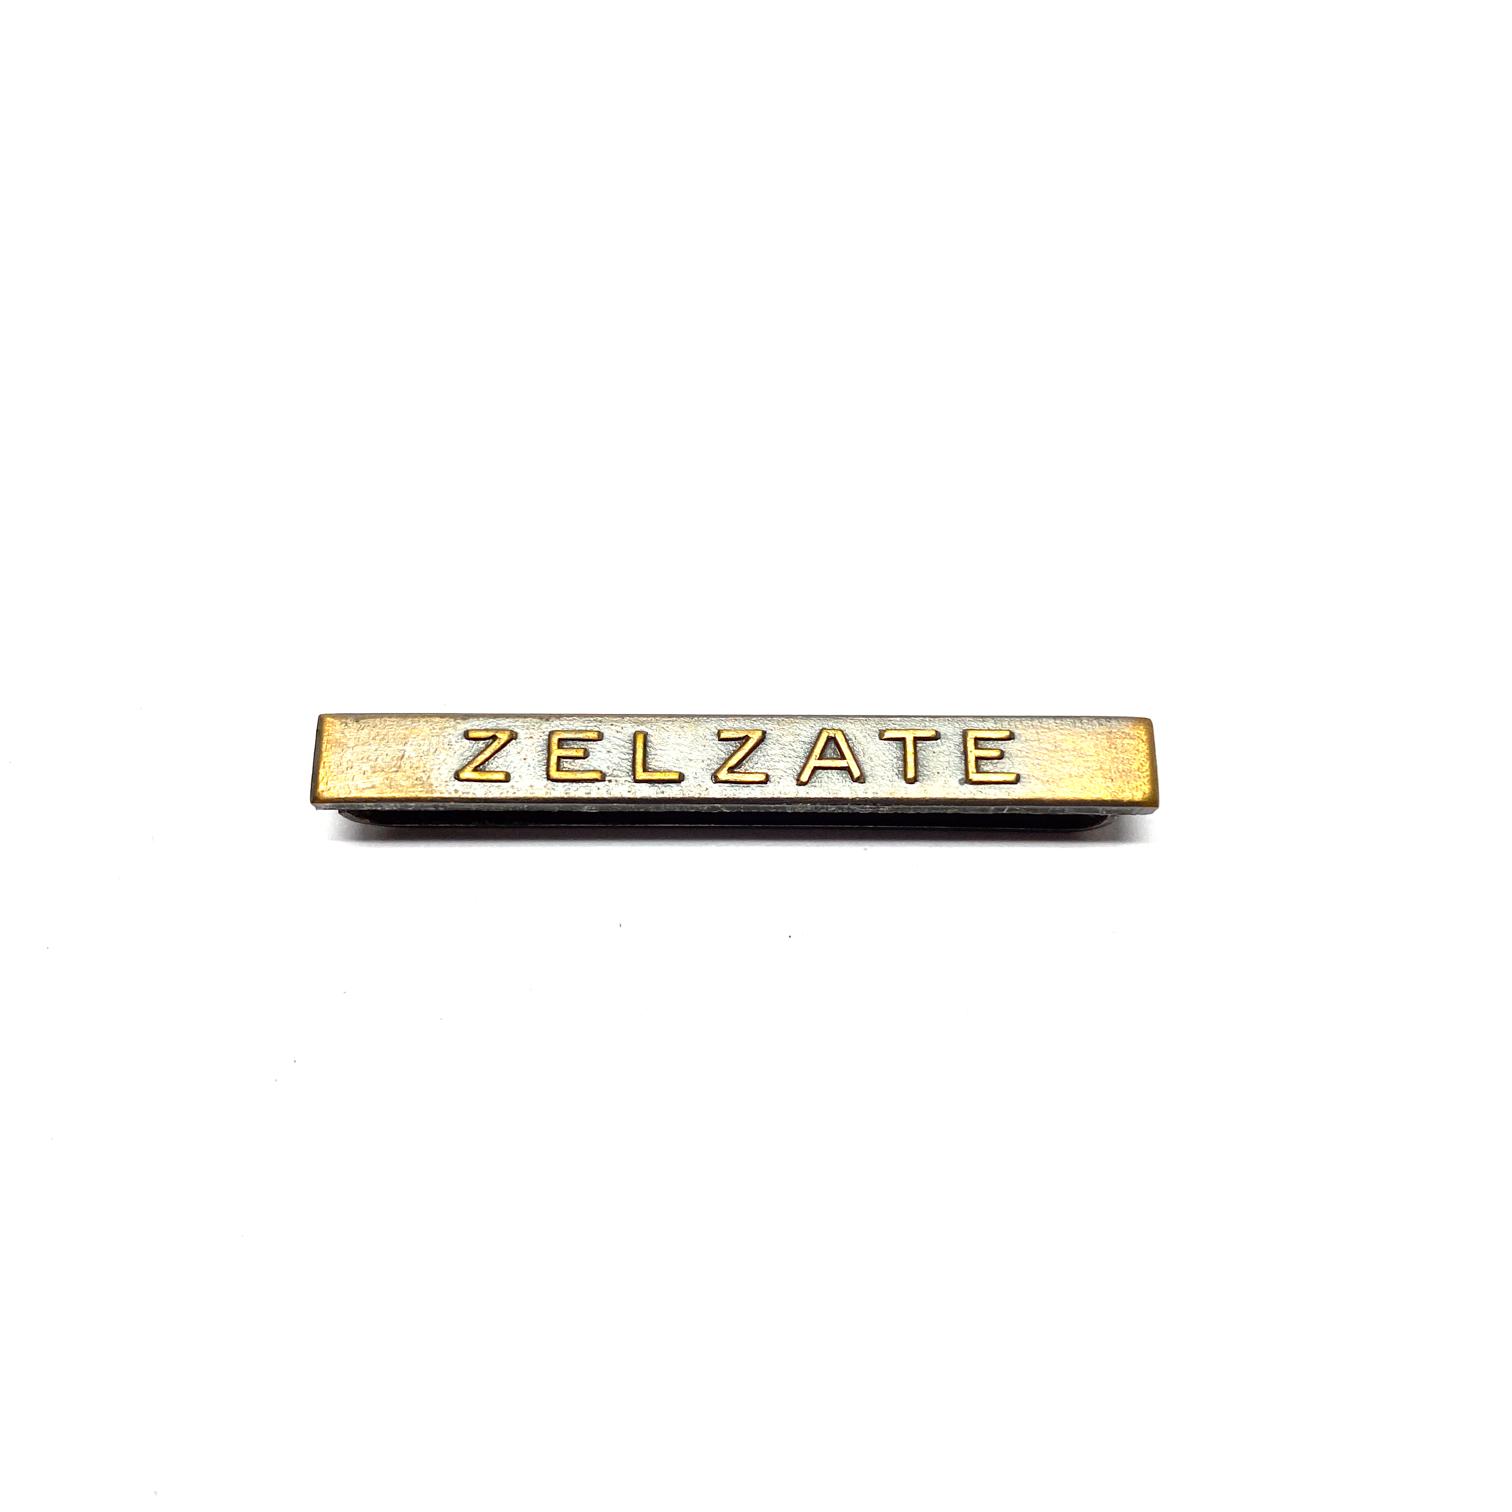 Bar Zelzate for war medals